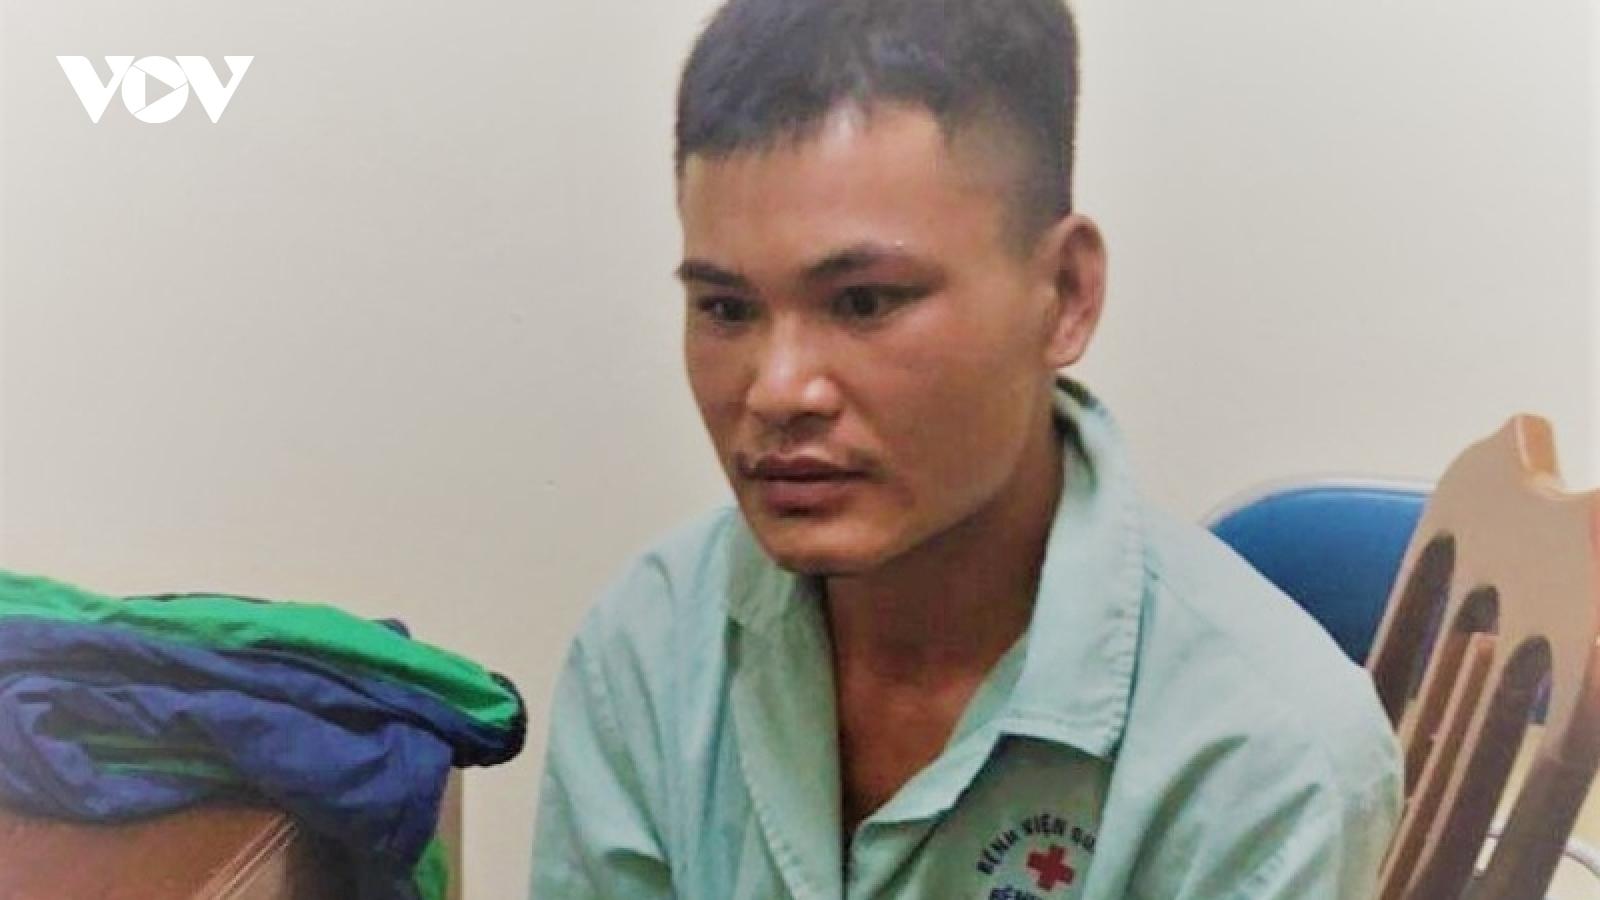 Đối tượng giết người ở Văn Chấn (Yên Bái) bị bắt sau 48 giờ gây án